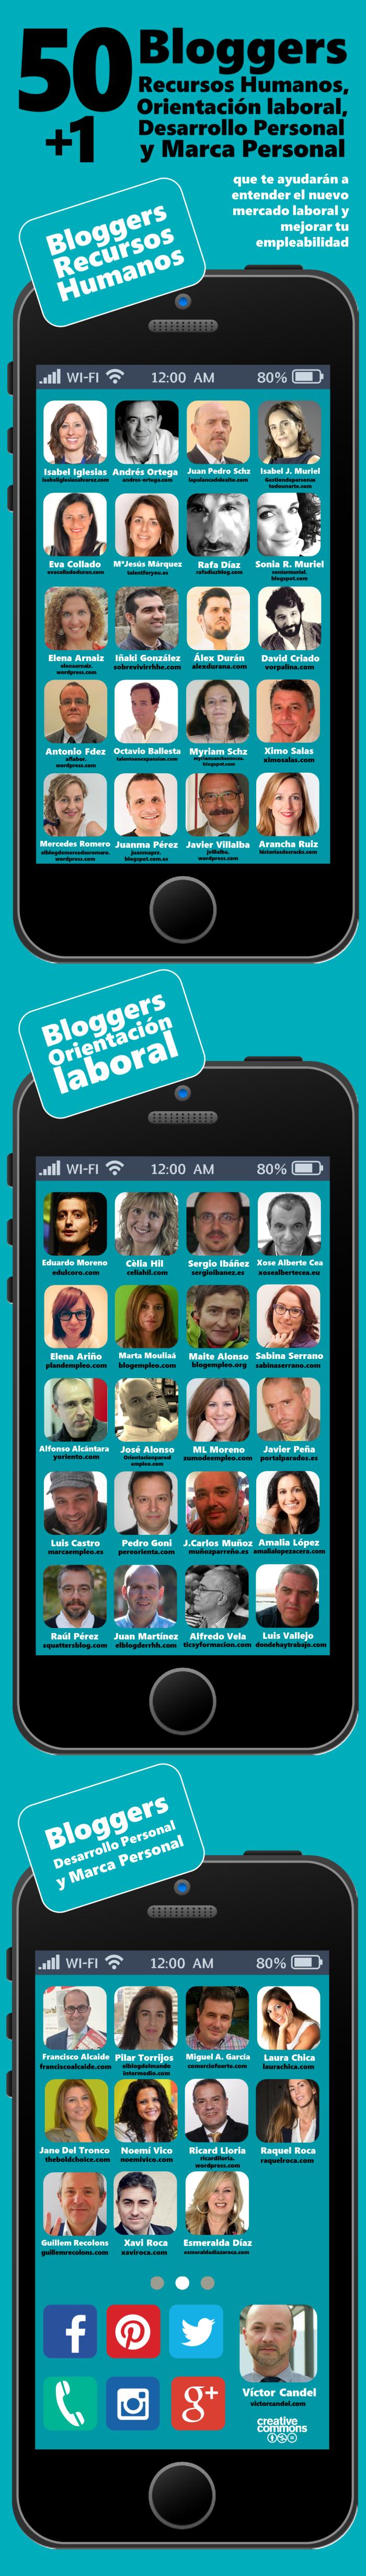 501-bloggers-de-recursos-humanos-orientacion-laboral-desarrollo-personal-y-marca-personal